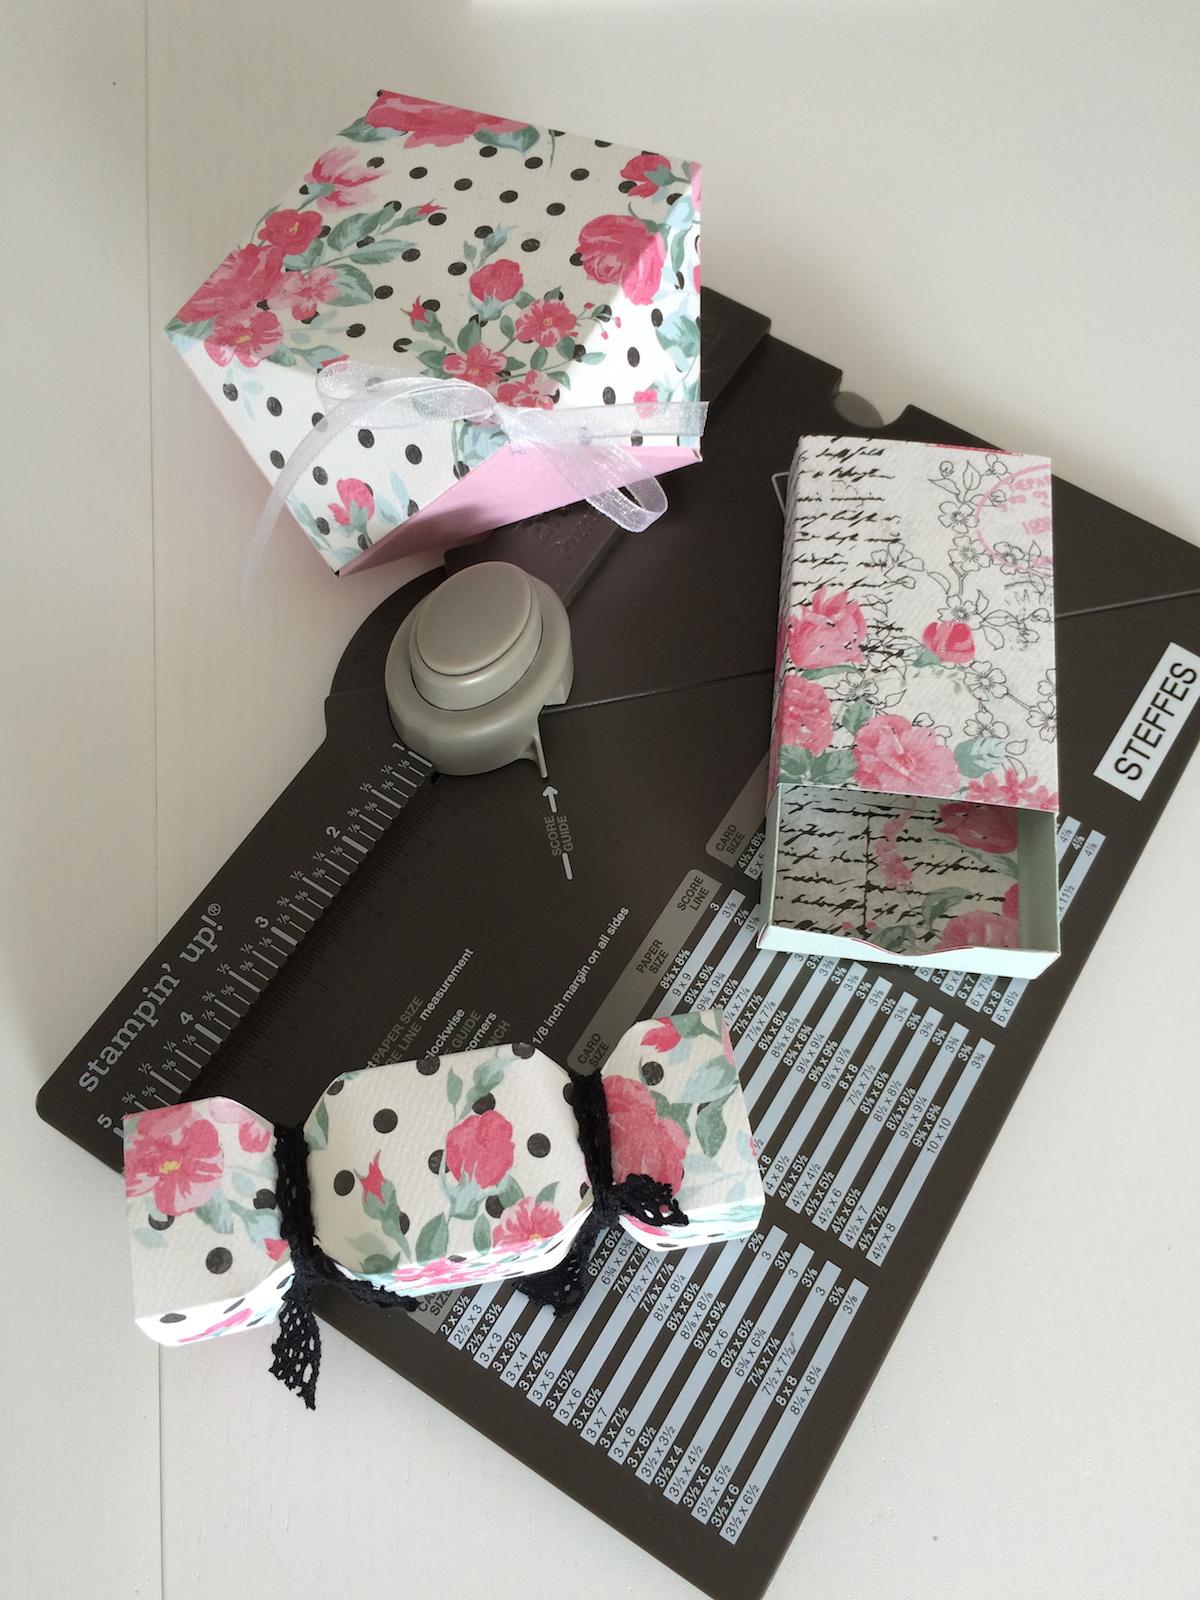 Frau Pfiffig, Matchbox, Knallbonbon und Diamantbox, EPB, Envelope Punch Board, Stanz- und Falzbrett für Umschläge